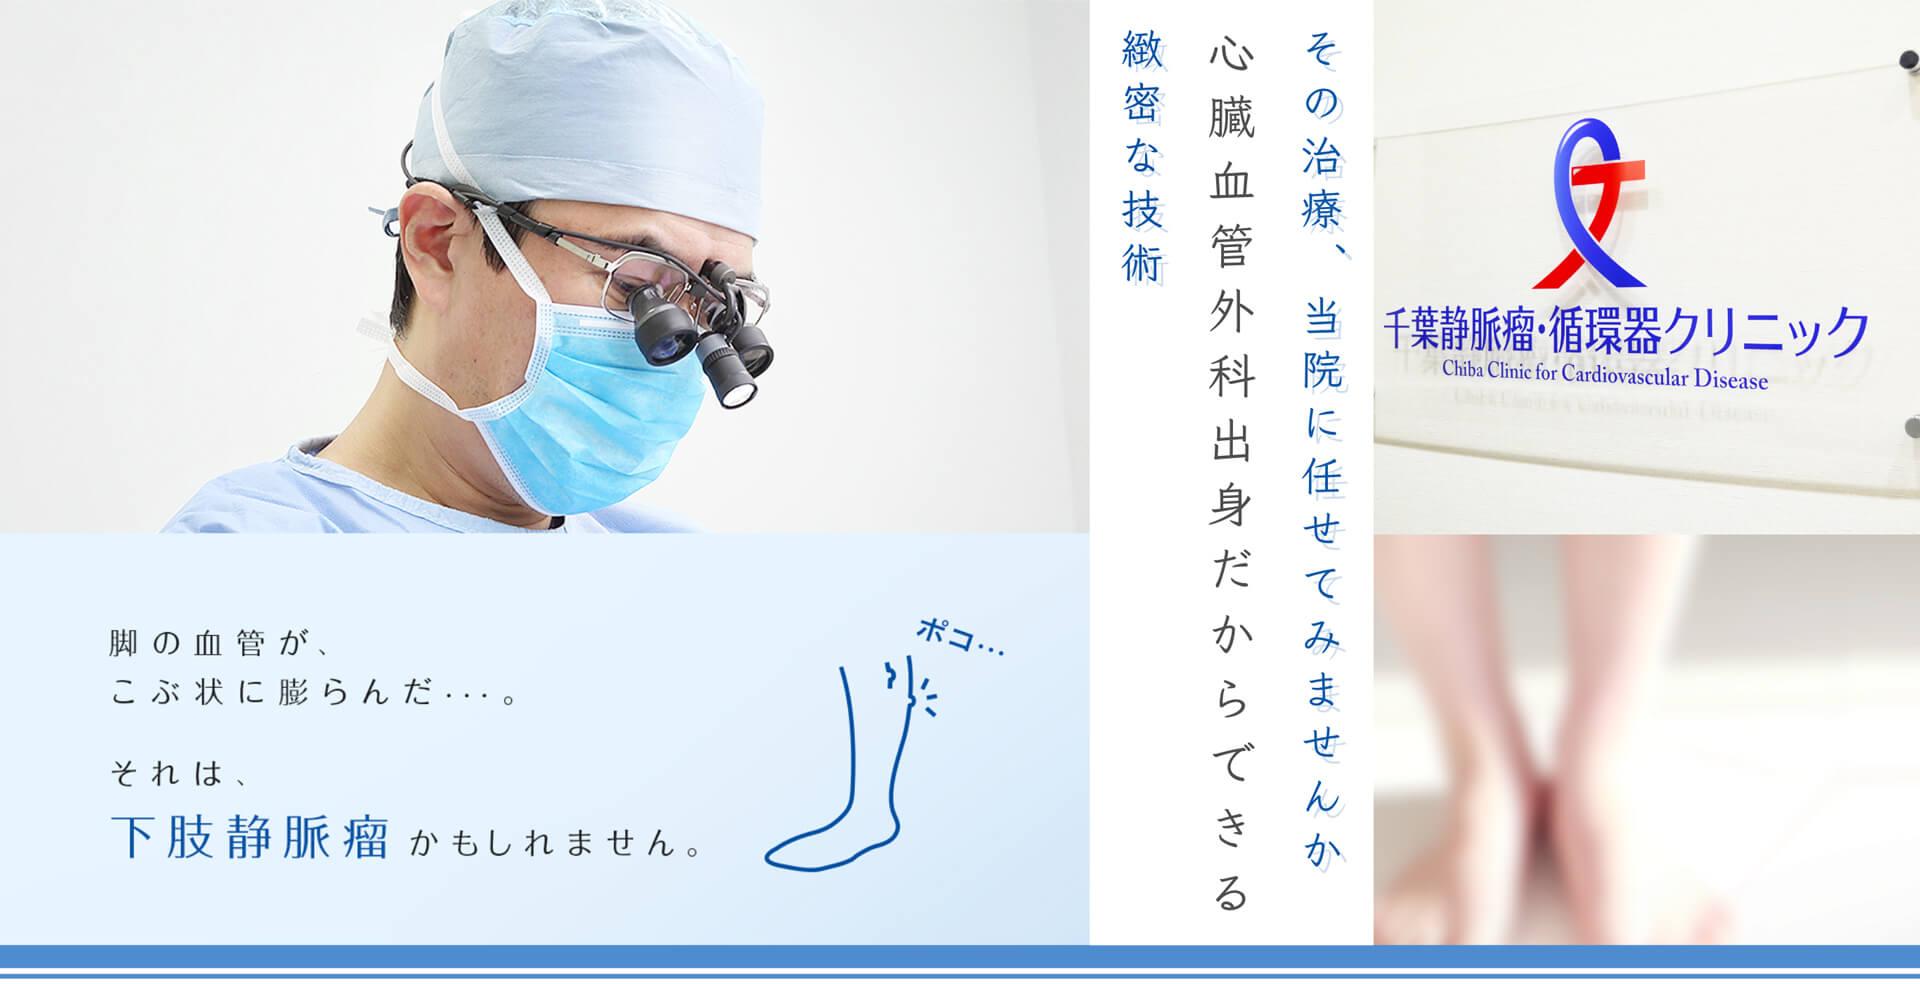 その治療 当院に任せてみませんか心臓血管外科出身だからできる緻密な技術